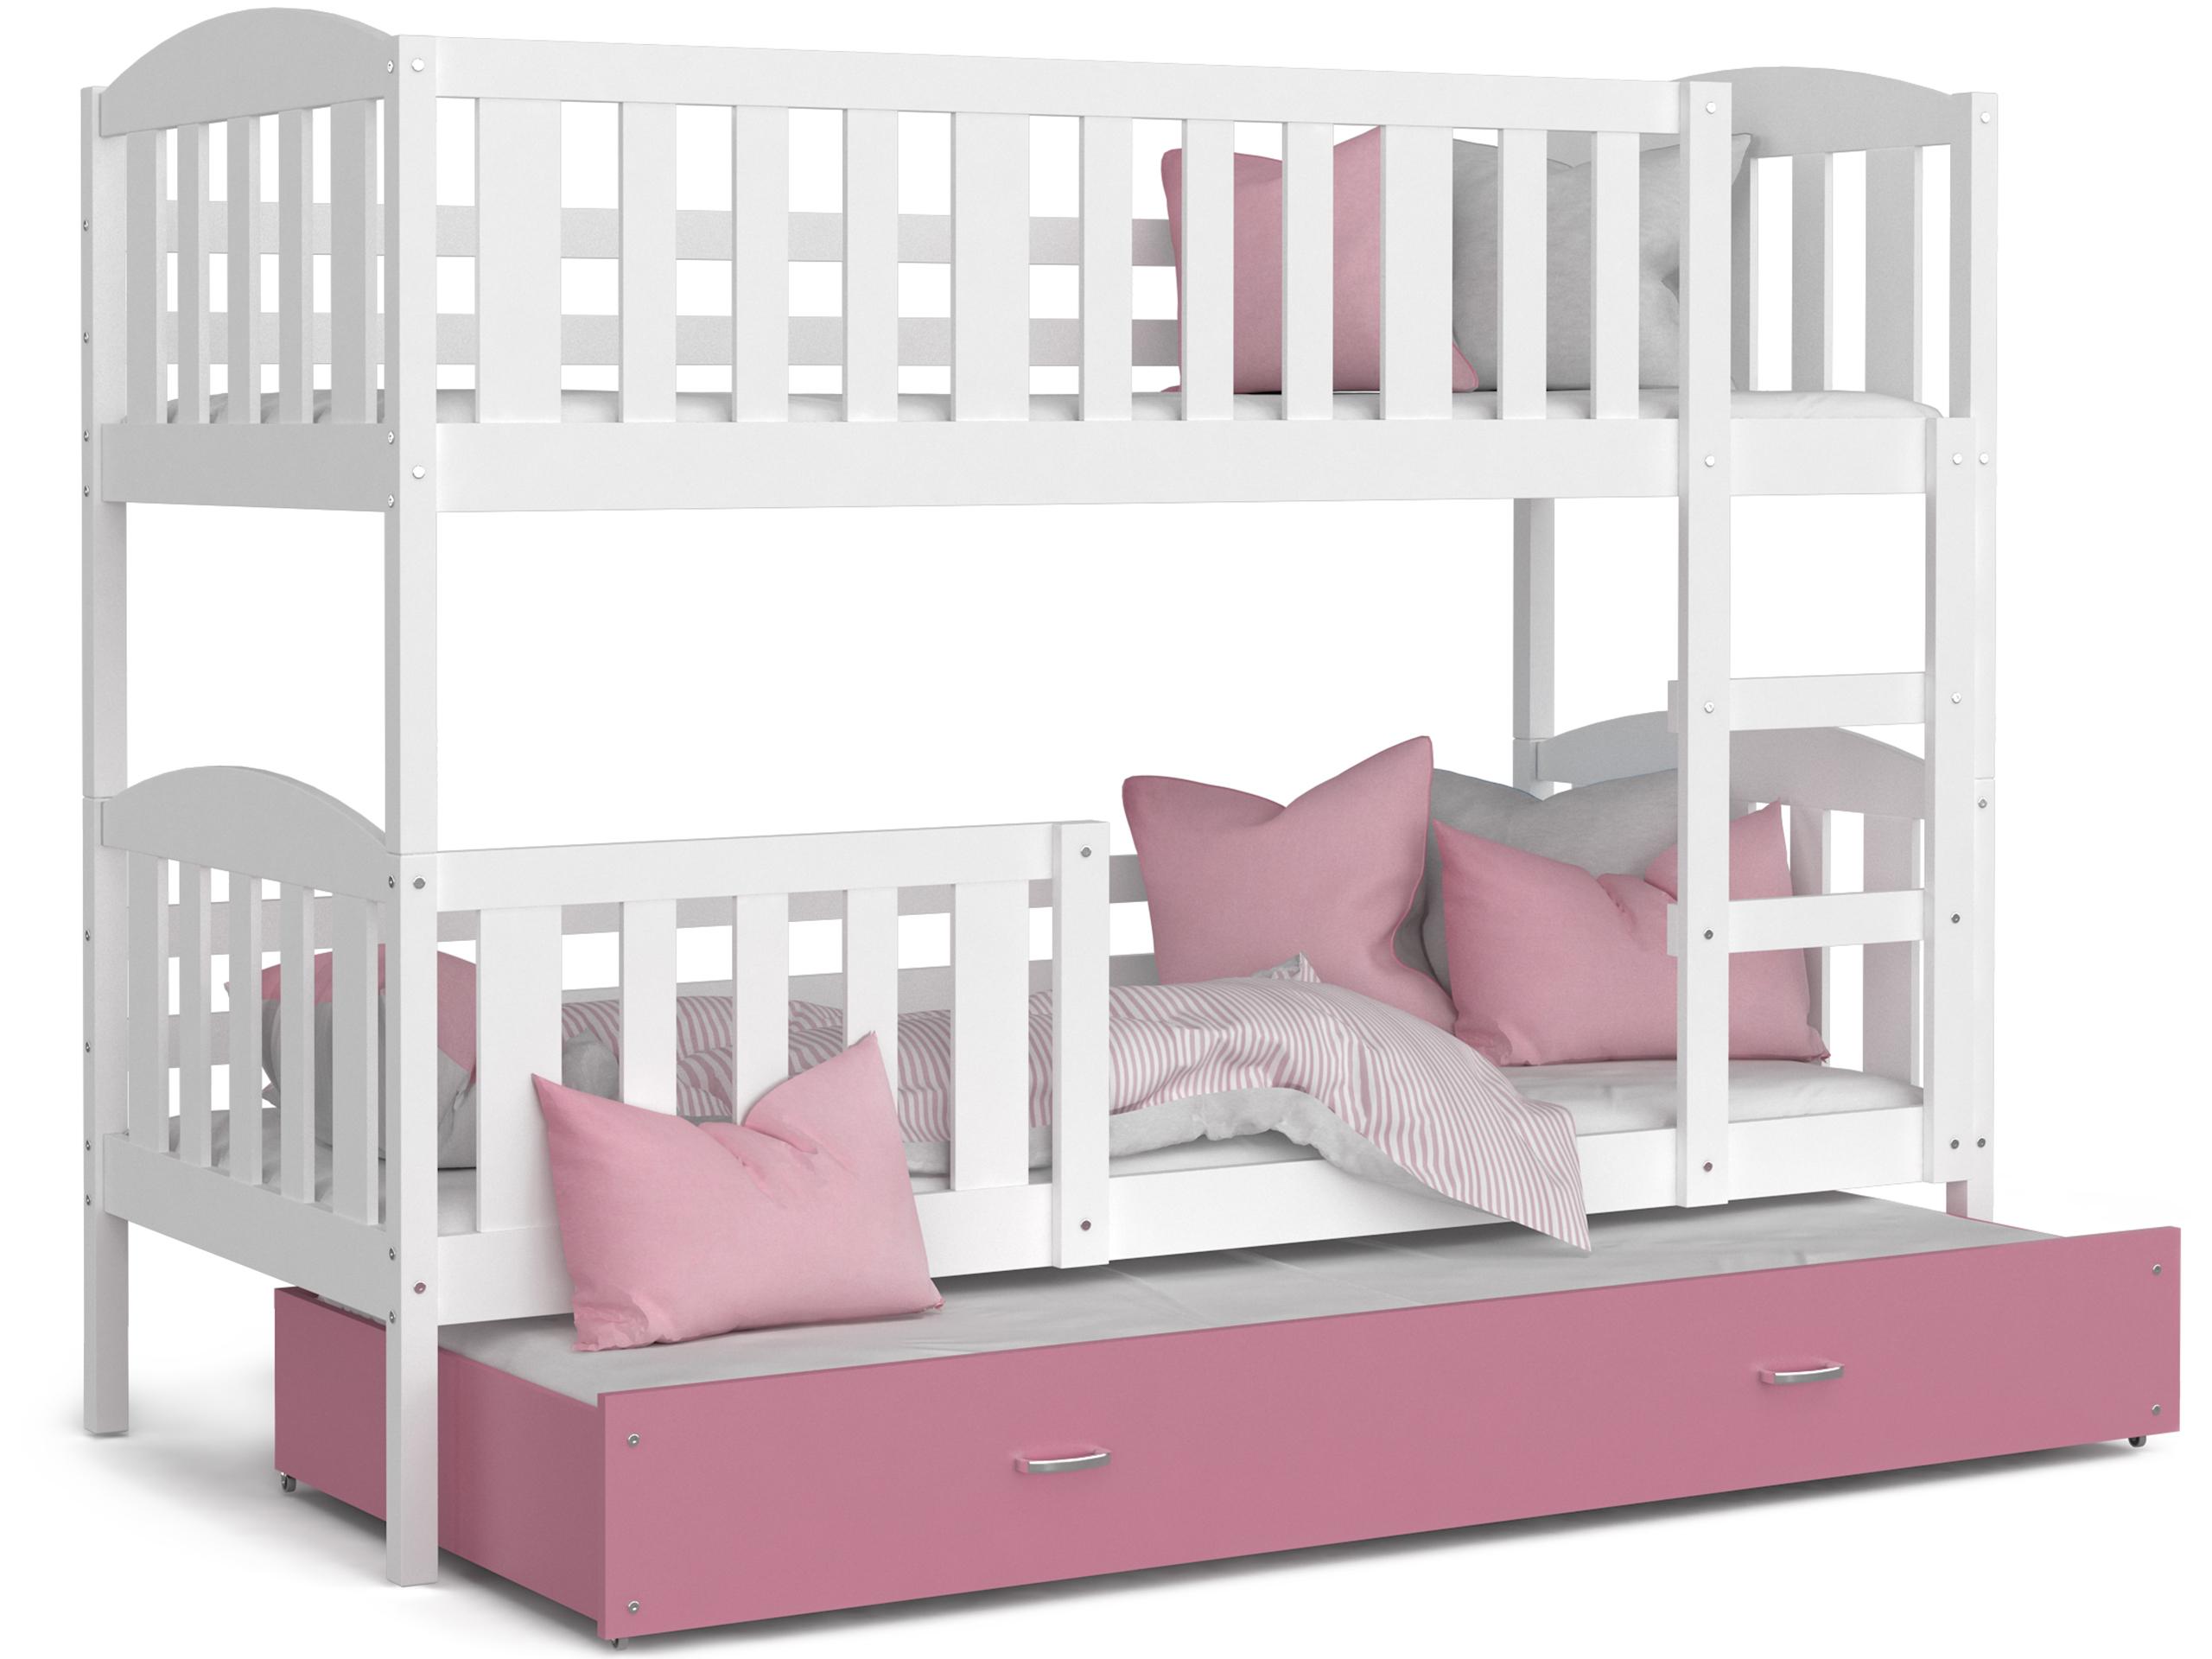 ArtAJ Detská poschodová posteľ Kubuš 3 | 190 x 80 cm Farba: biela / ružová, Prevedenie: bez matraca, Rozmer, materiál: MDF